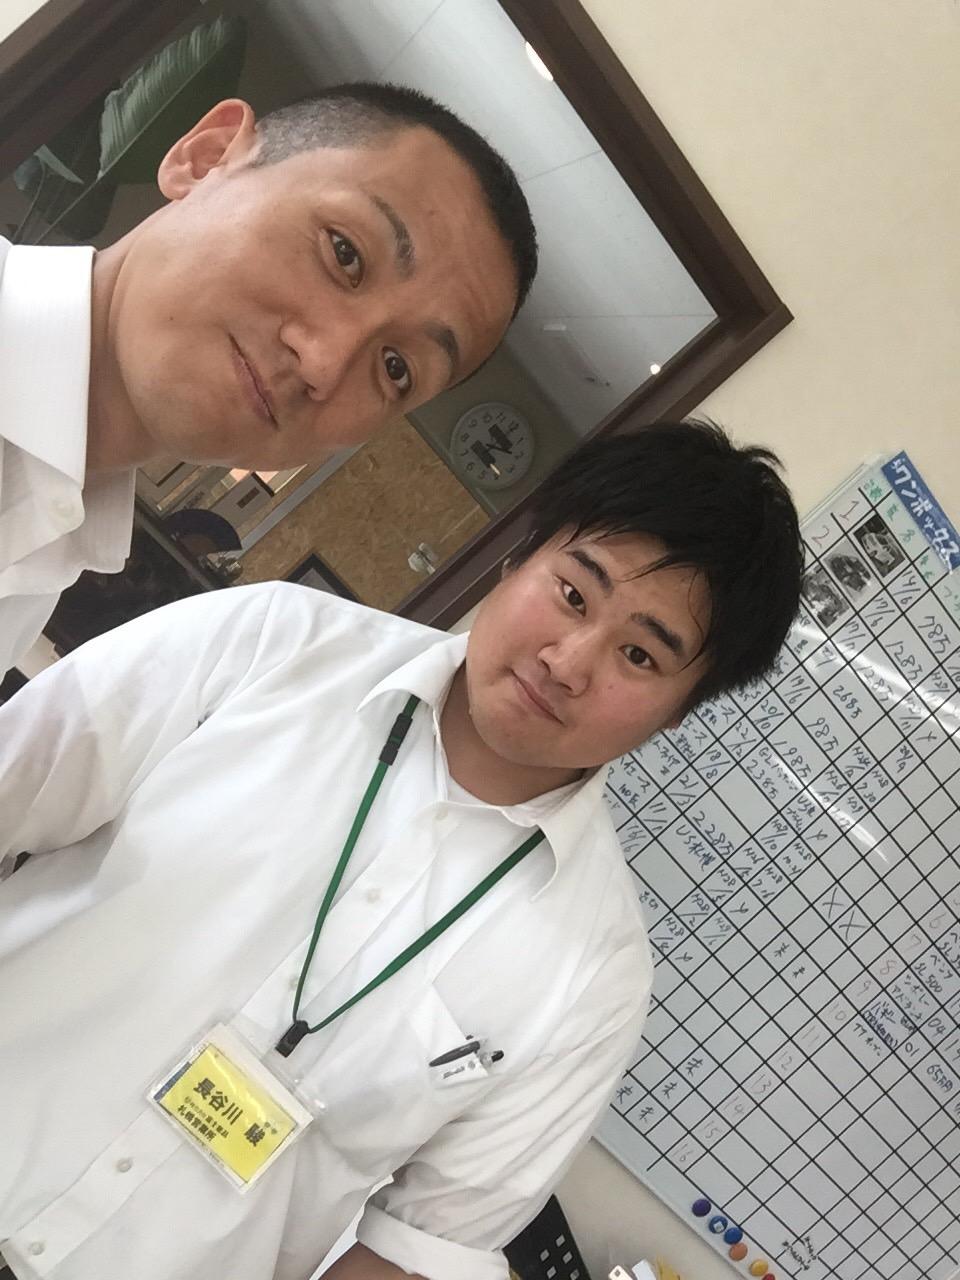 7月 7日 (木) ken ブログ ランクル ハマー アルファード_b0127002_22162130.jpg